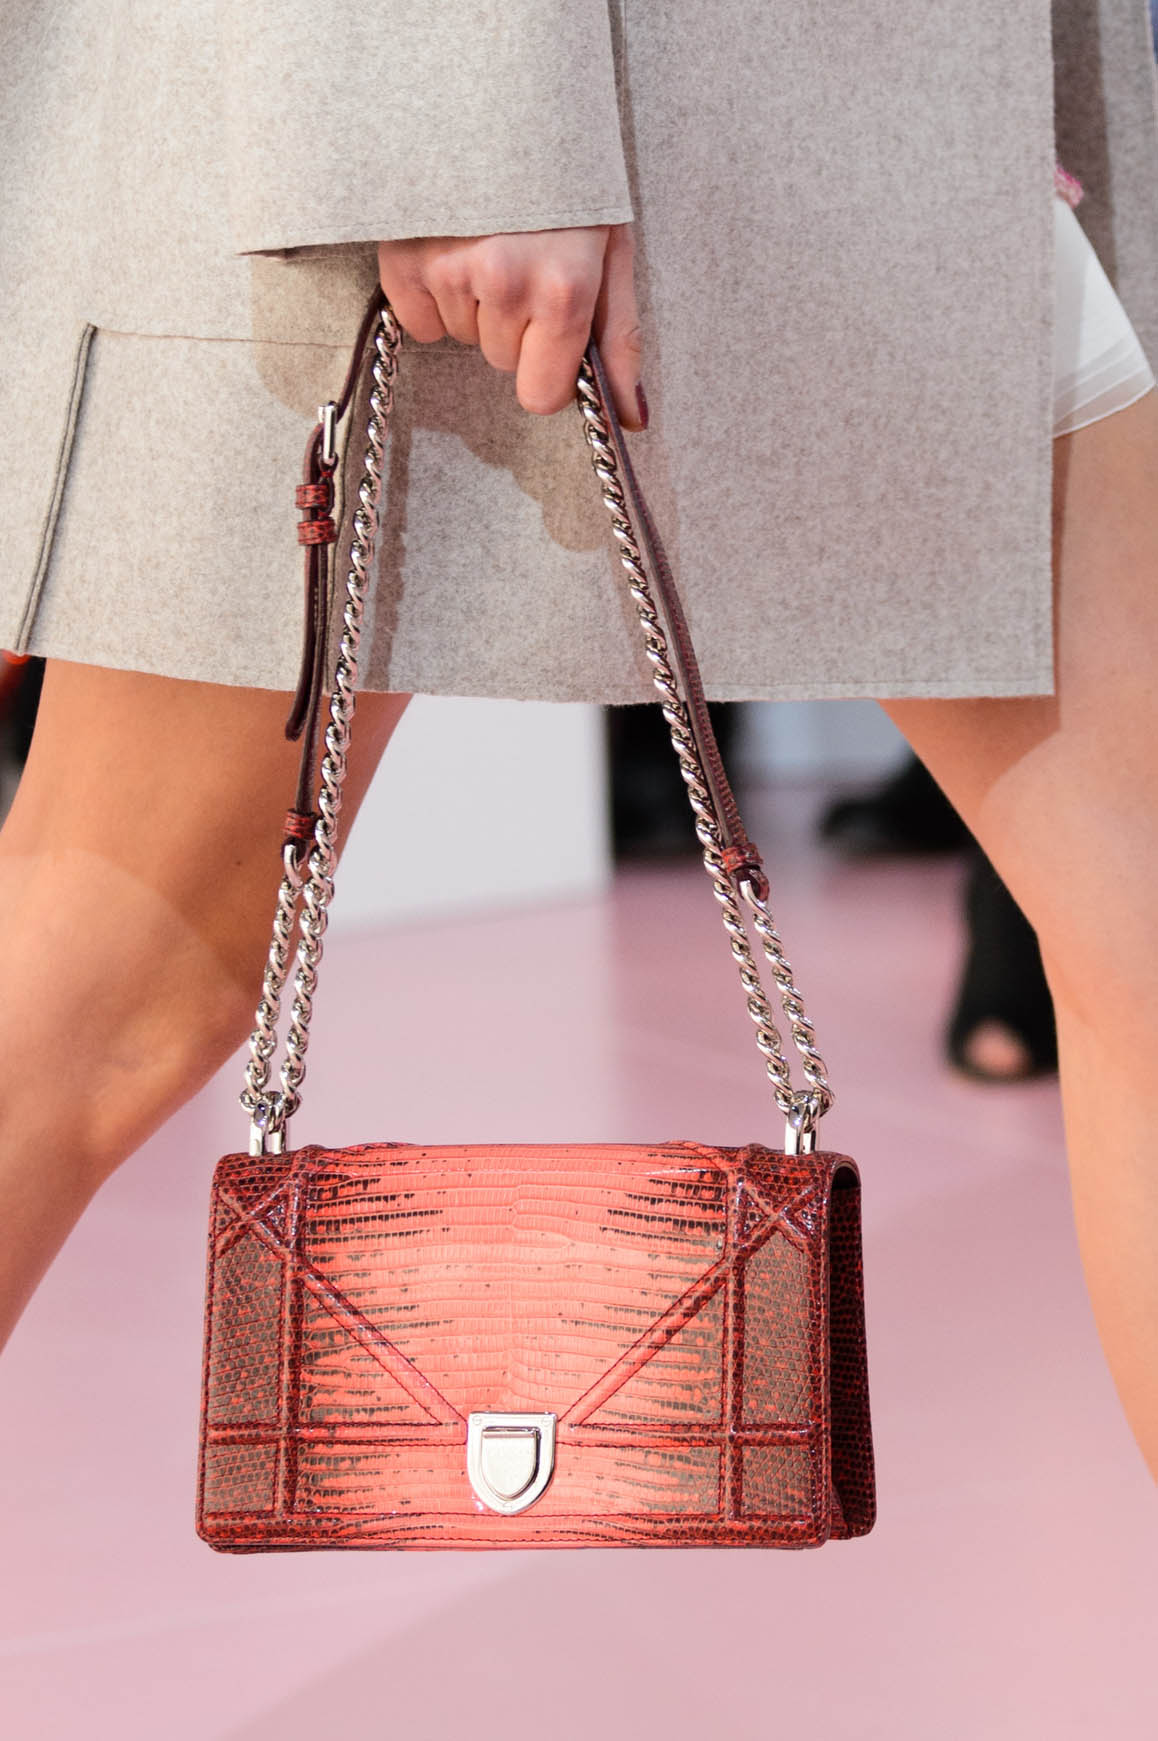 Dior Lizard Bag Fall Winter 2015 2016 SACLÀB